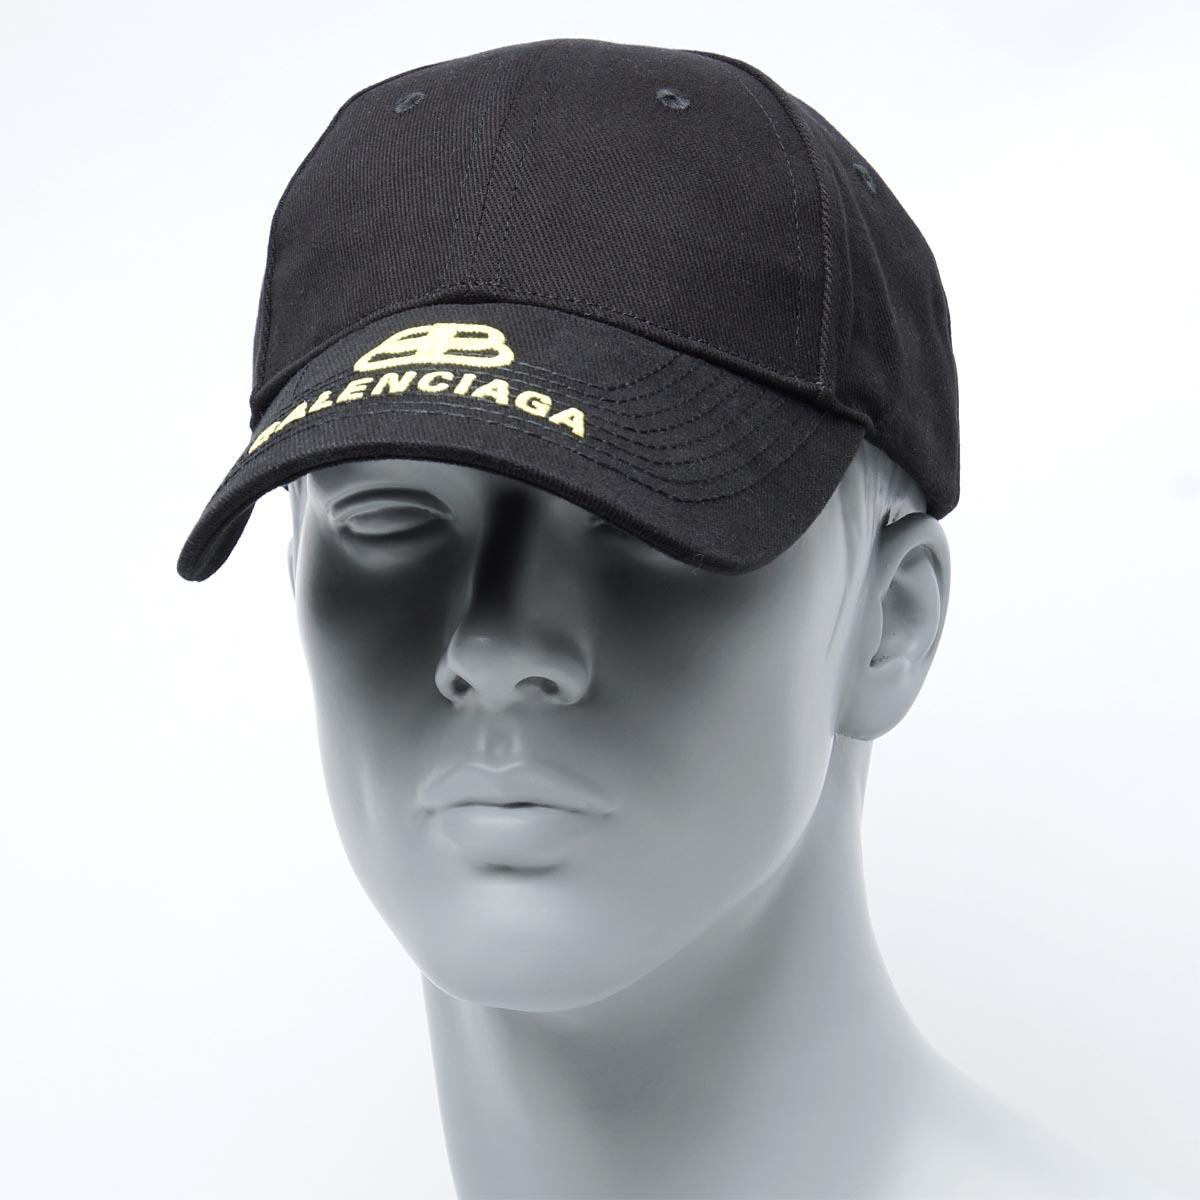 バレンシアガ BALENCIAGA ベースボールキャップ ブラック メンズ 帽子 スポーツ 野球 カジュアル 577548 310b2 1075 BB CAP【返品送料無料】【ラッピング無料】【190626】【あす楽対応_関東】